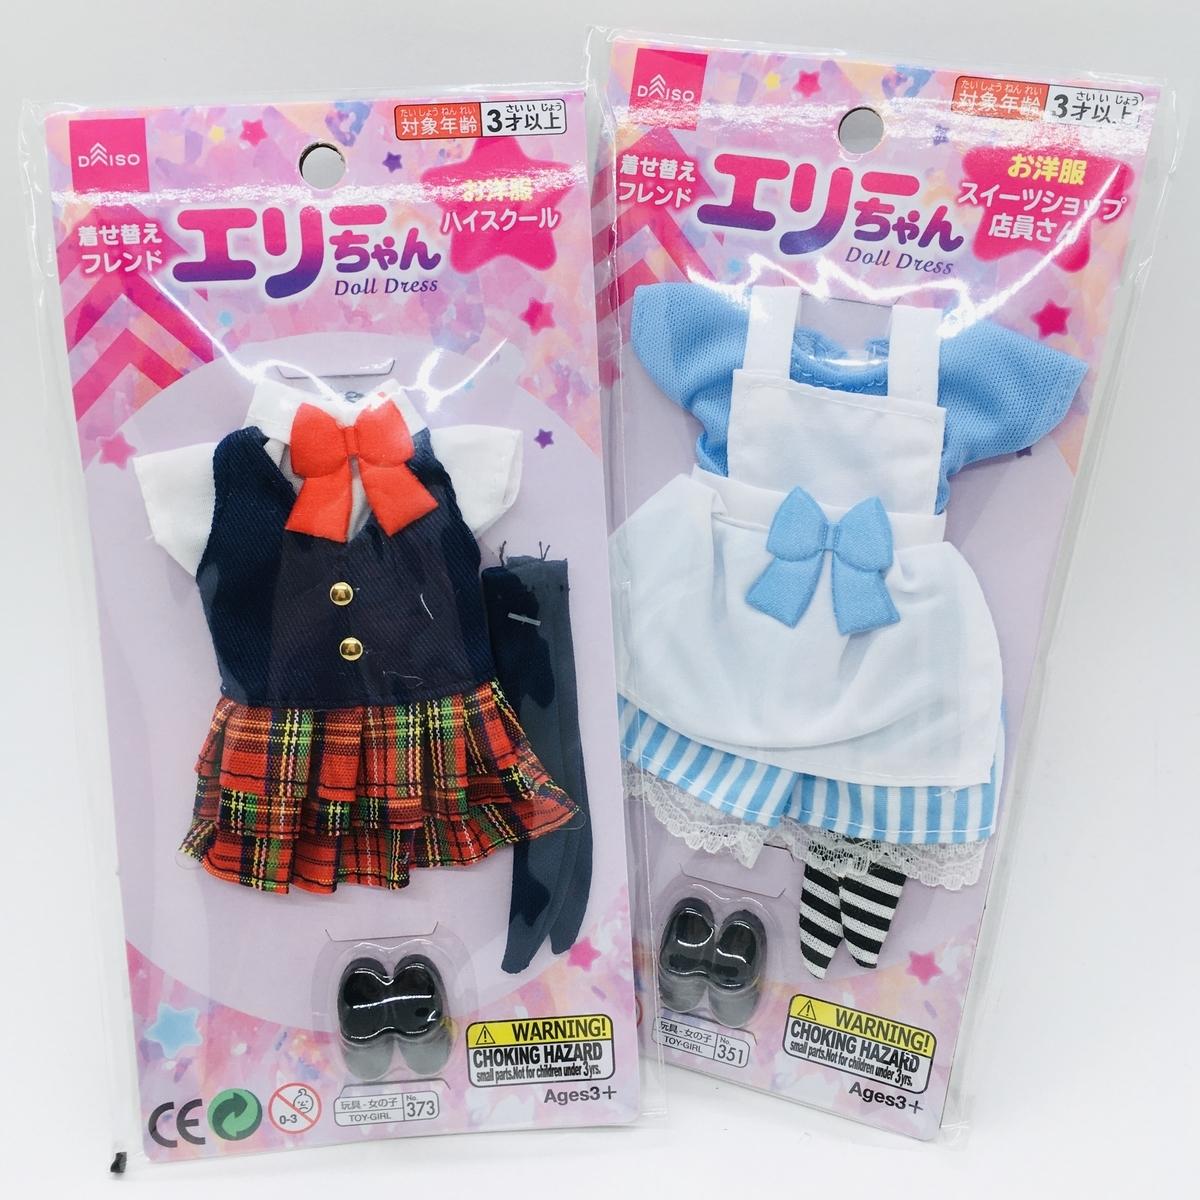 ダイソーで購入した「エリーちゃん」の学校の制服とスイーツショップ店員さんの制服